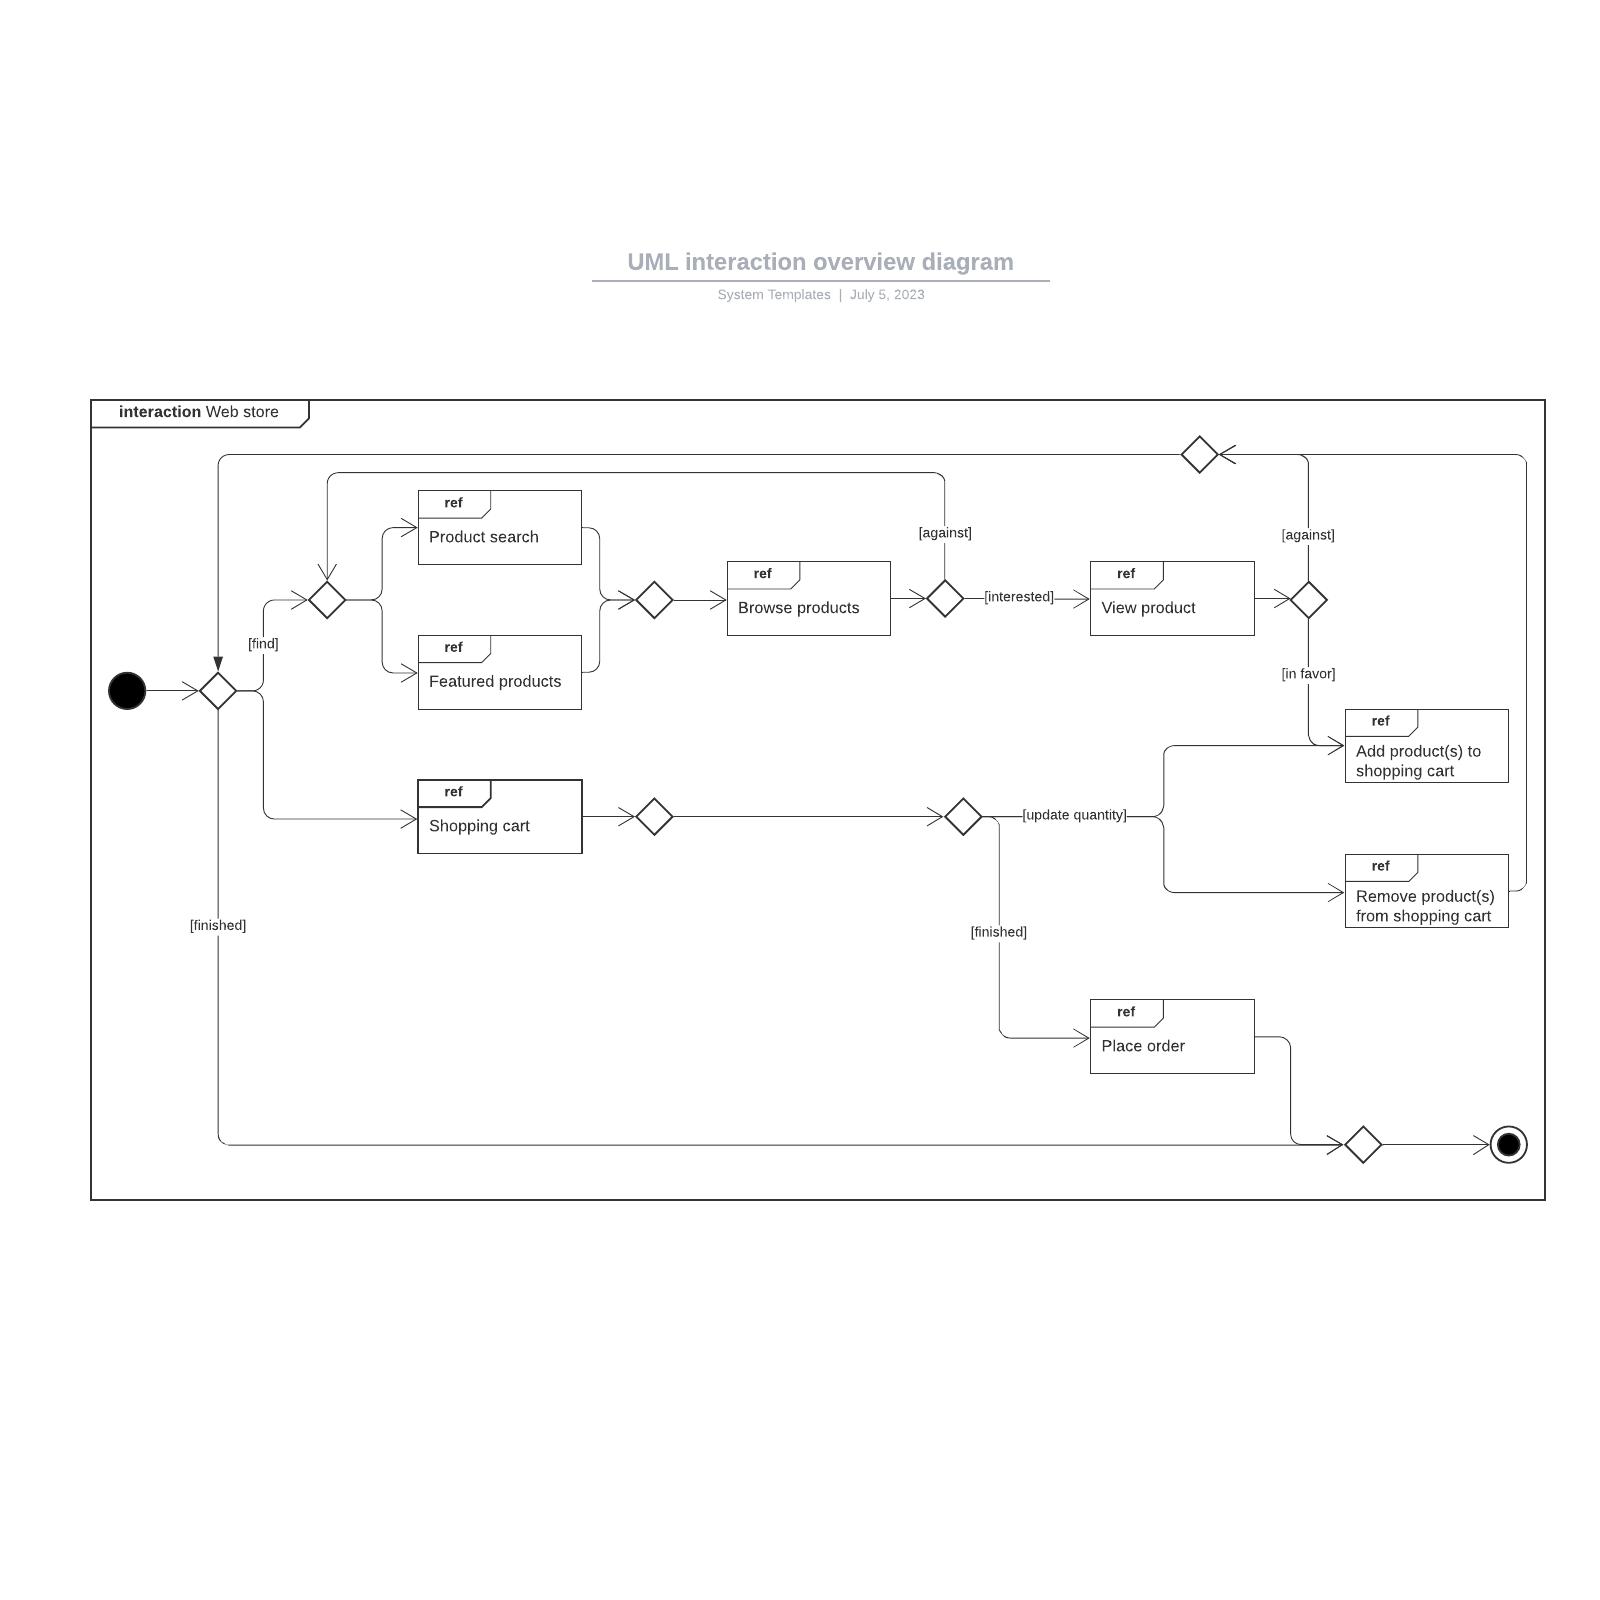 UML interaction overview diagram